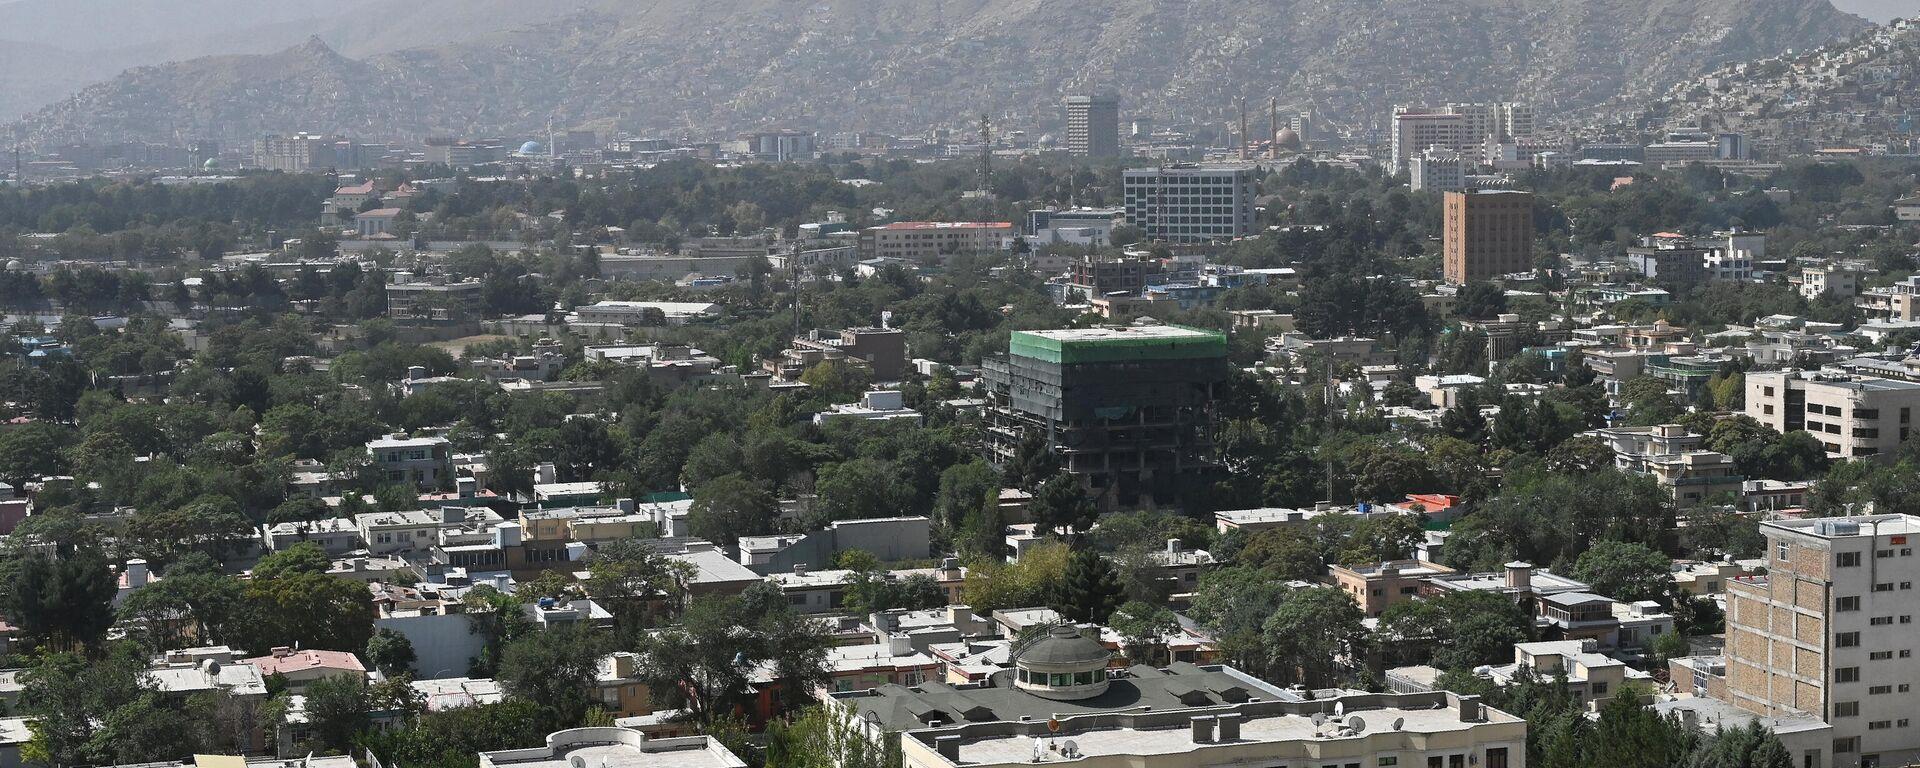 Поглед на главни град Авганистана - Кабул - Sputnik Србија, 1920, 15.08.2021